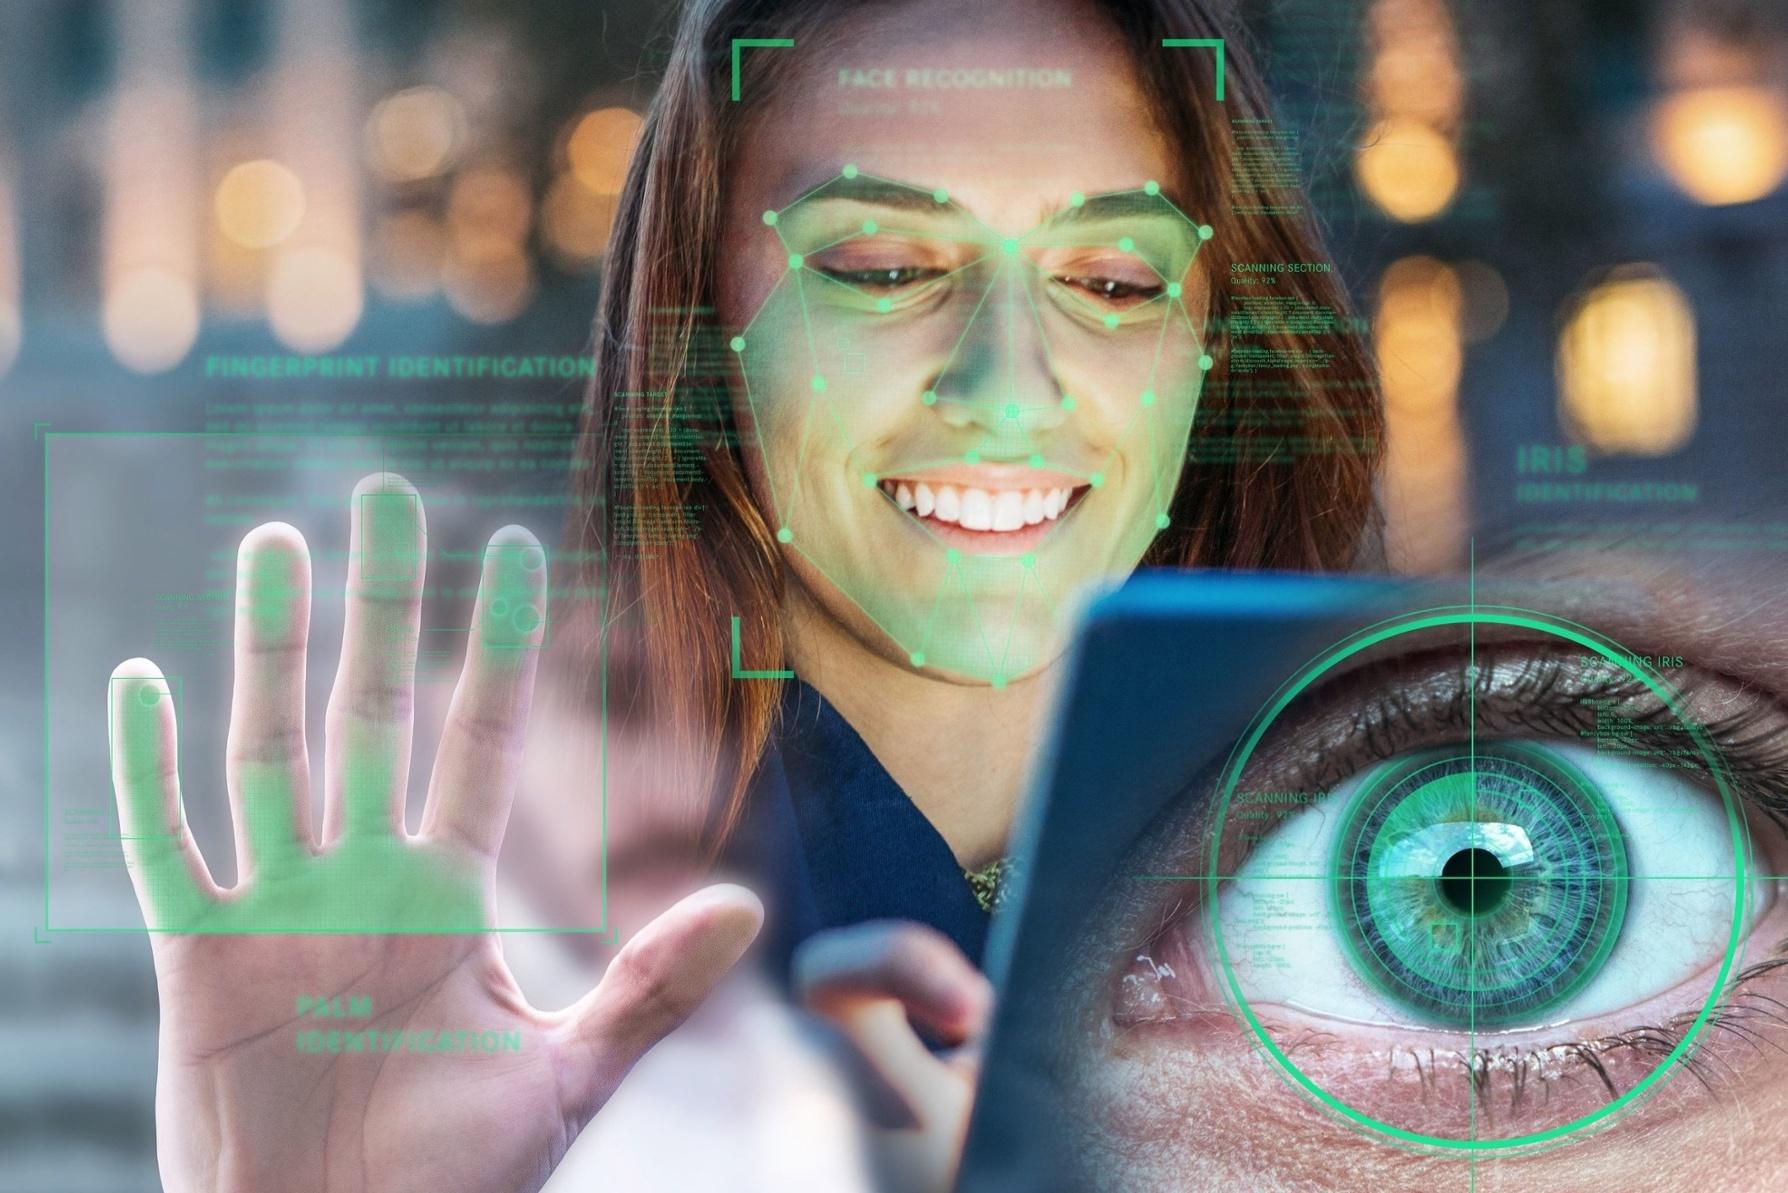 Дистанционные услуги по биометрии лица запустил банк